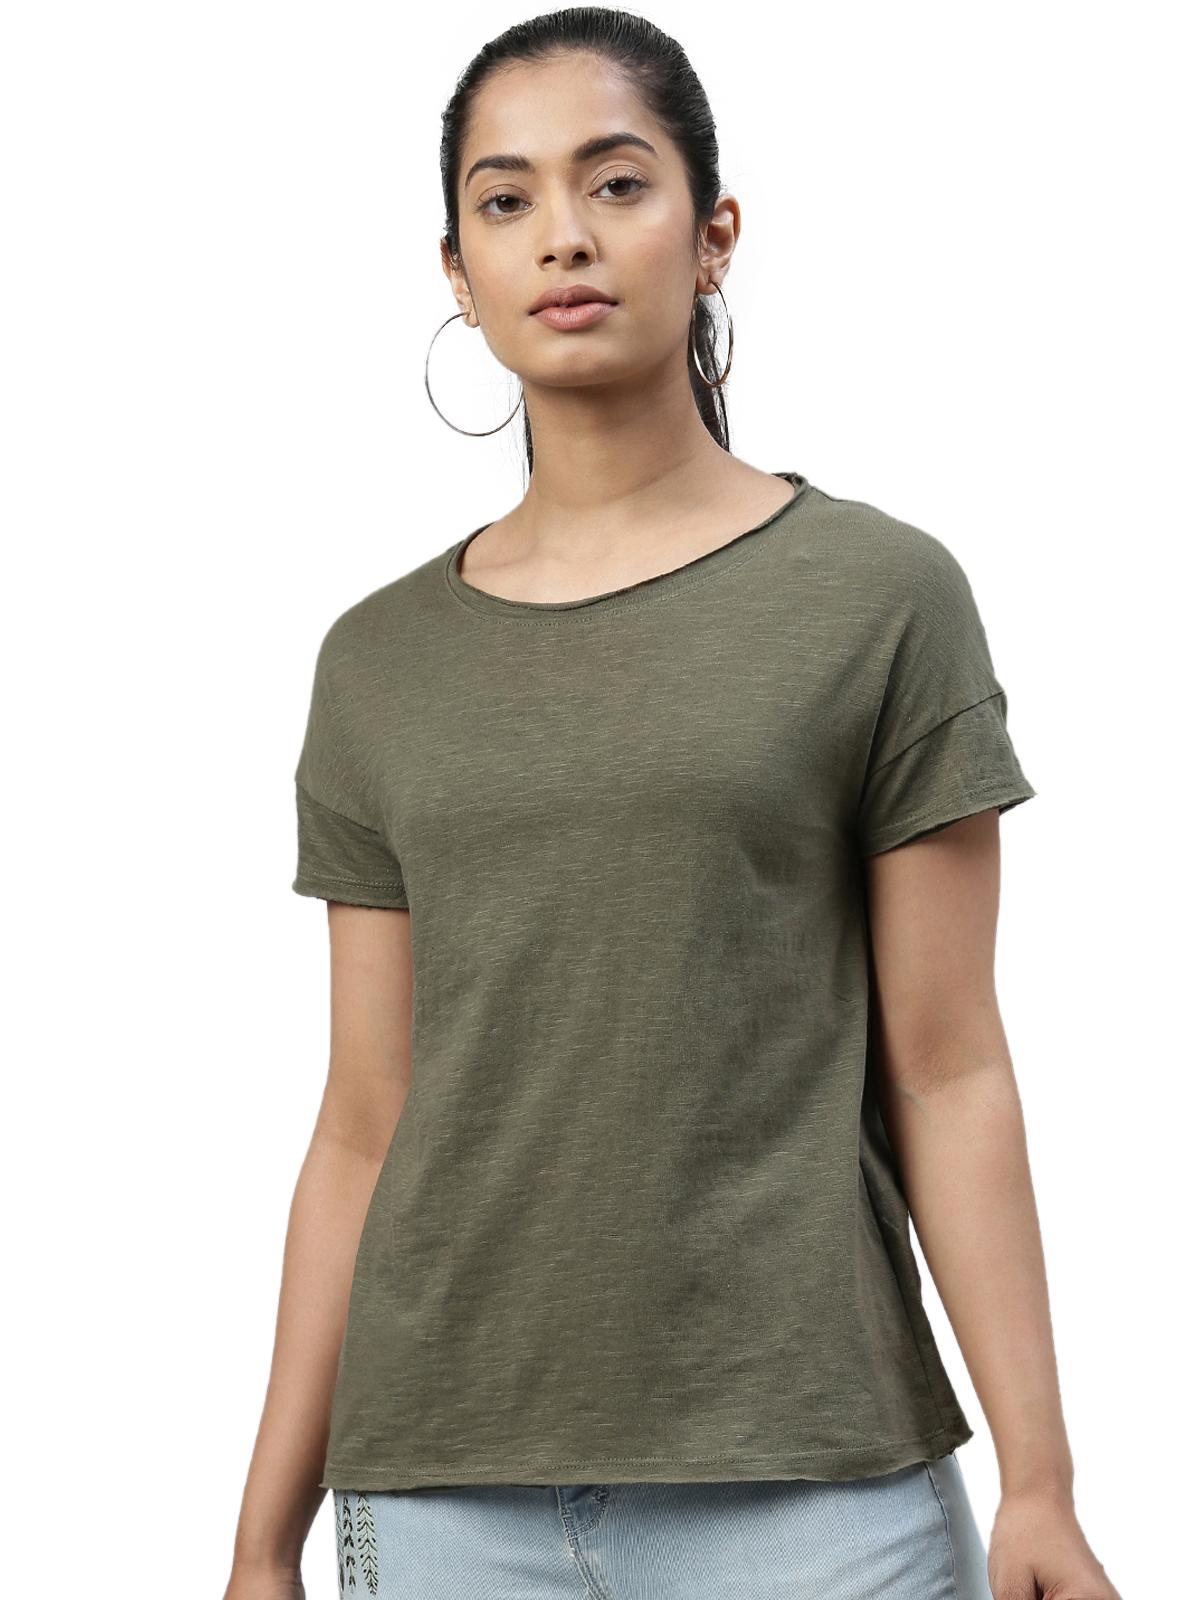 Kryptic   Kryptic womens 100% Cotton solid tshirt